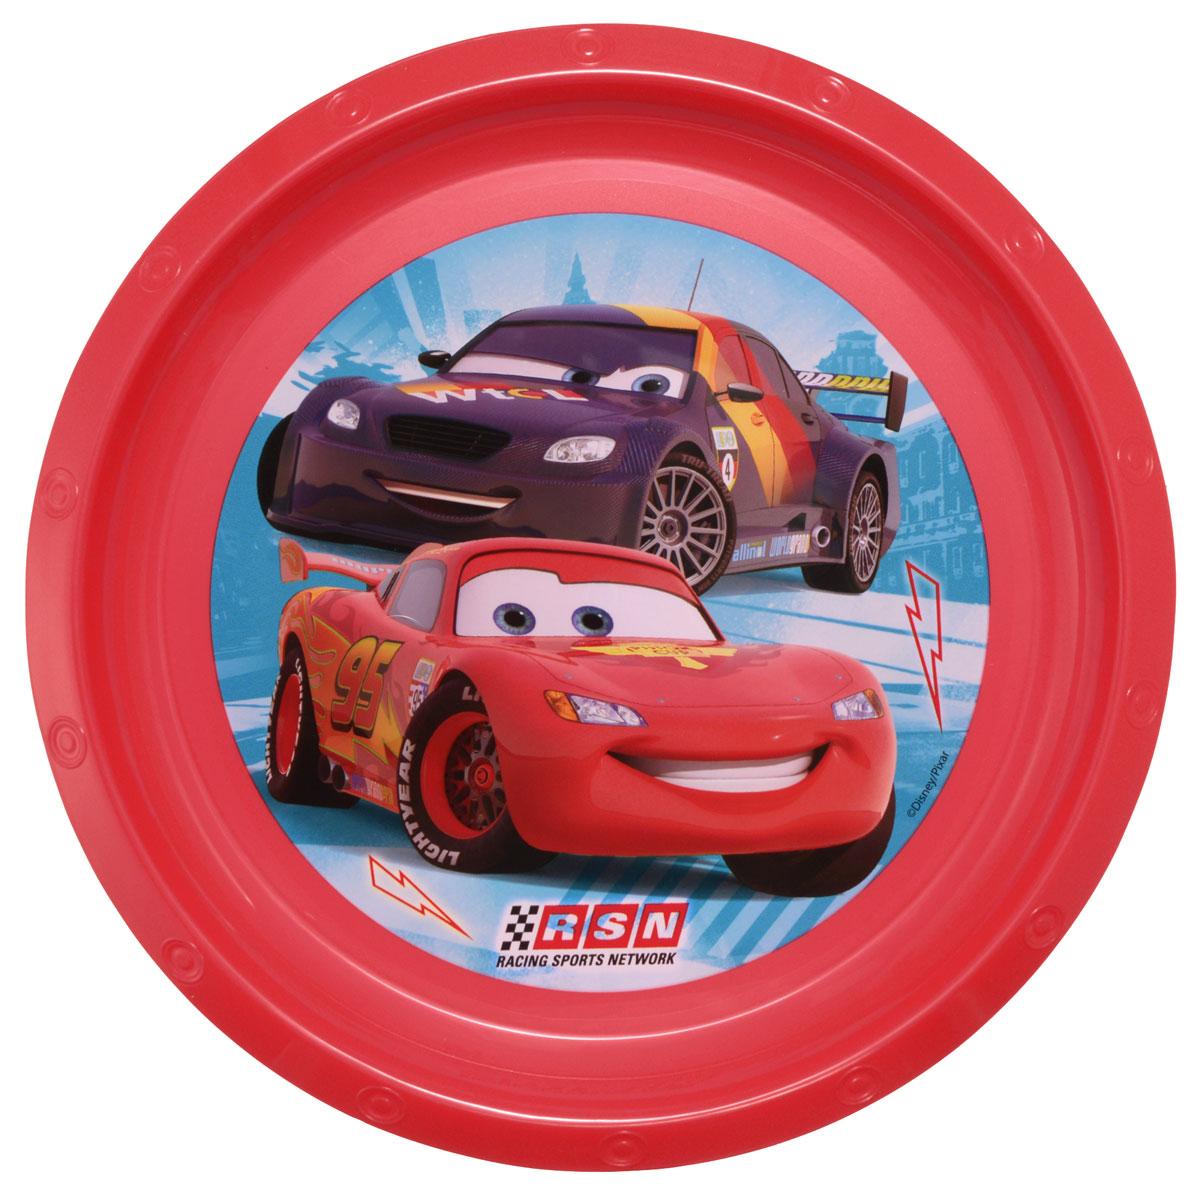 Disney Тарелка детская Тачки диаметр 21,5 см54 009312Яркая тарелка Disney Тачки идеально подойдет для кормления малыша и самостоятельного приема им пищи. Тарелка выполнена из безопасного полипропилена, дно оформлено высококачественным изображением героев мультфильма Тачки.Такой подарок станет не только приятным, но и практичным сувениром, добавит ярких эмоций вашему ребенку! Не предназначено для использования в СВЧ-печи и посудомоечной машине.